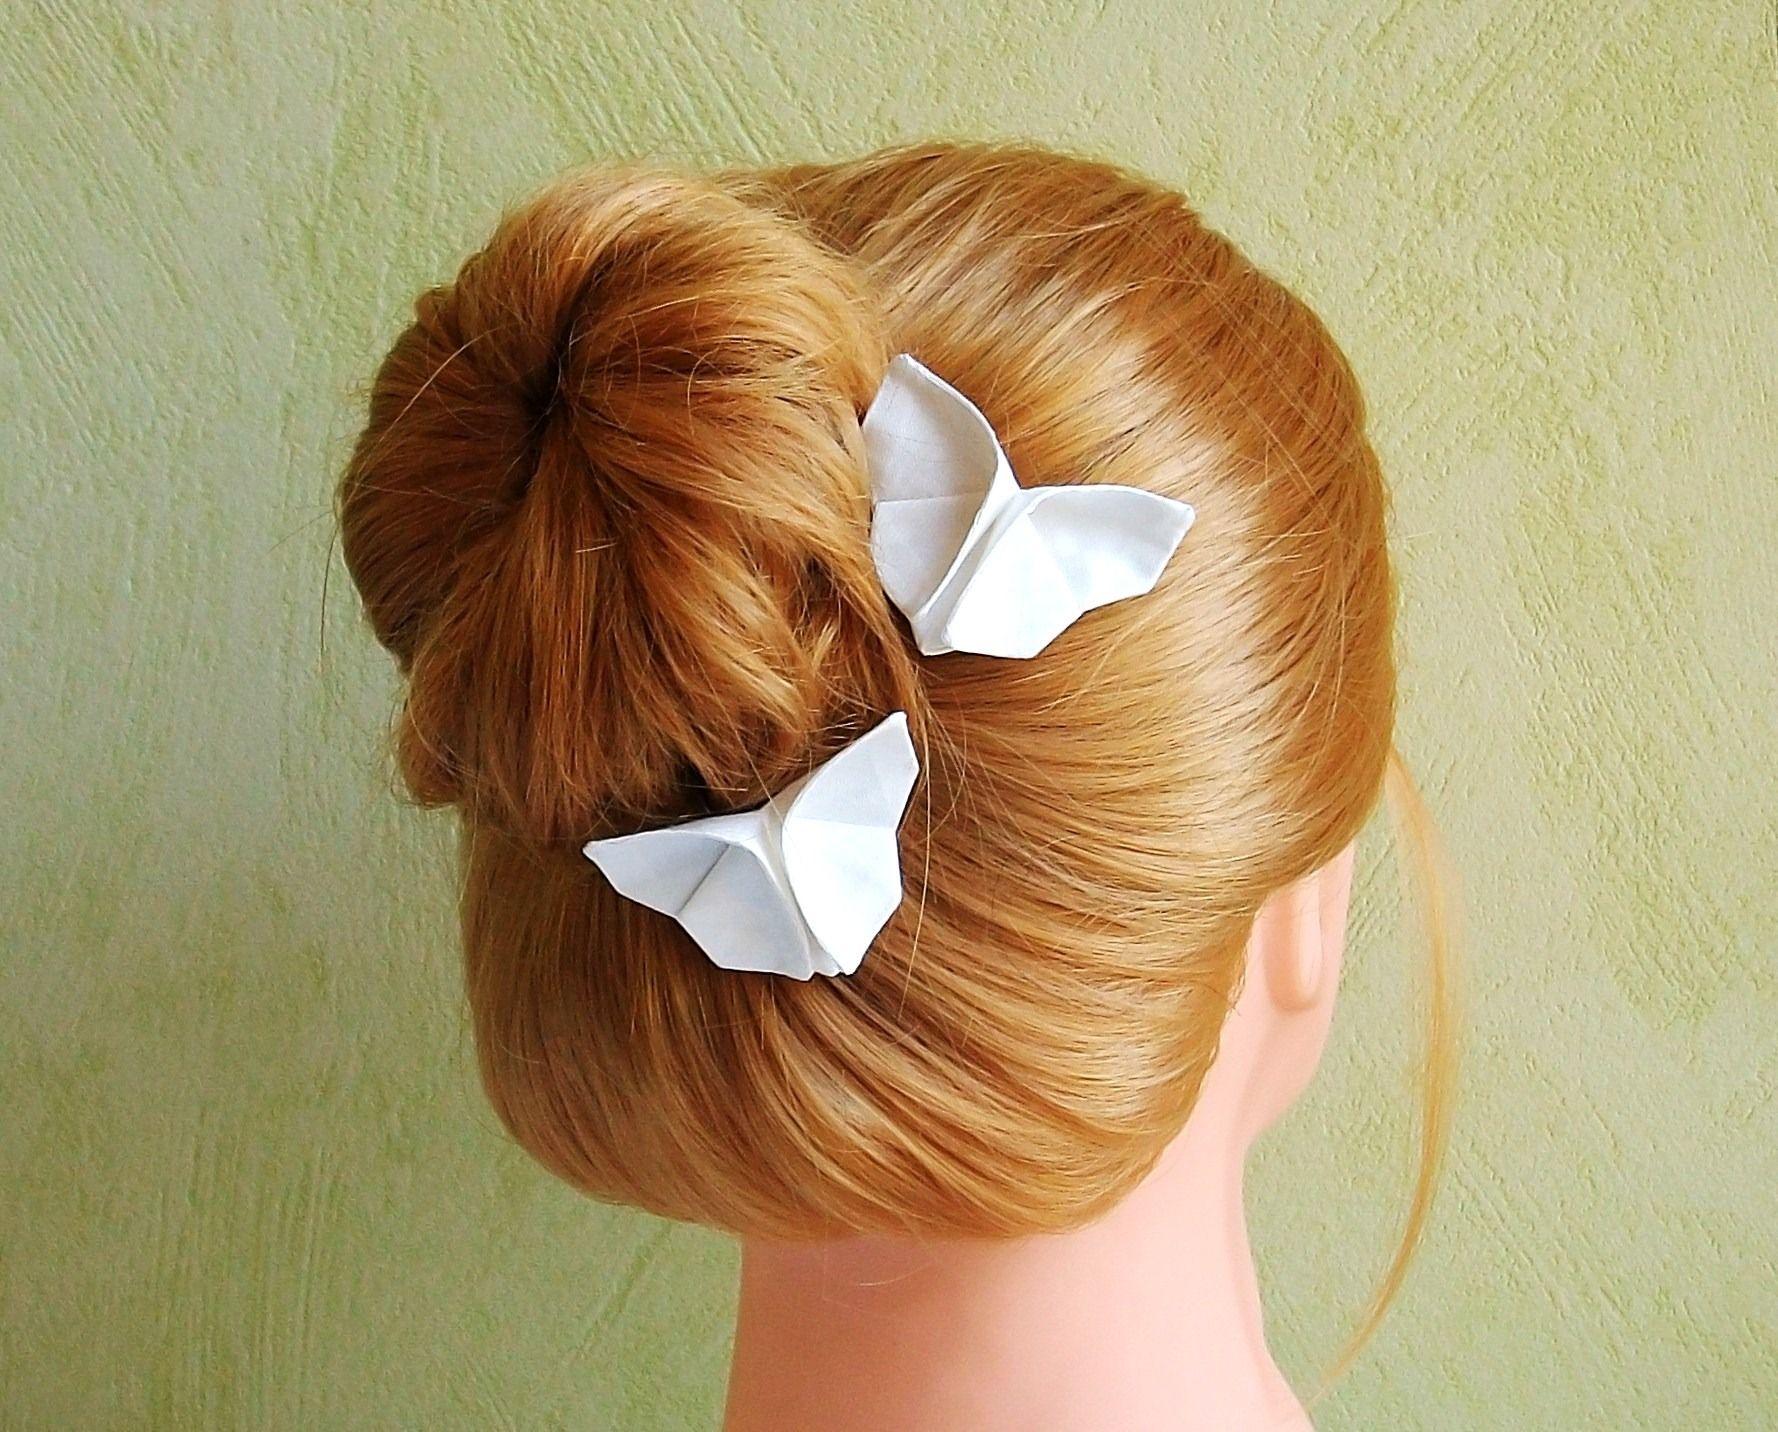 pinces papillon origami en tissu soie blanc ivoire id ales pour mariage accessoires cheveux. Black Bedroom Furniture Sets. Home Design Ideas